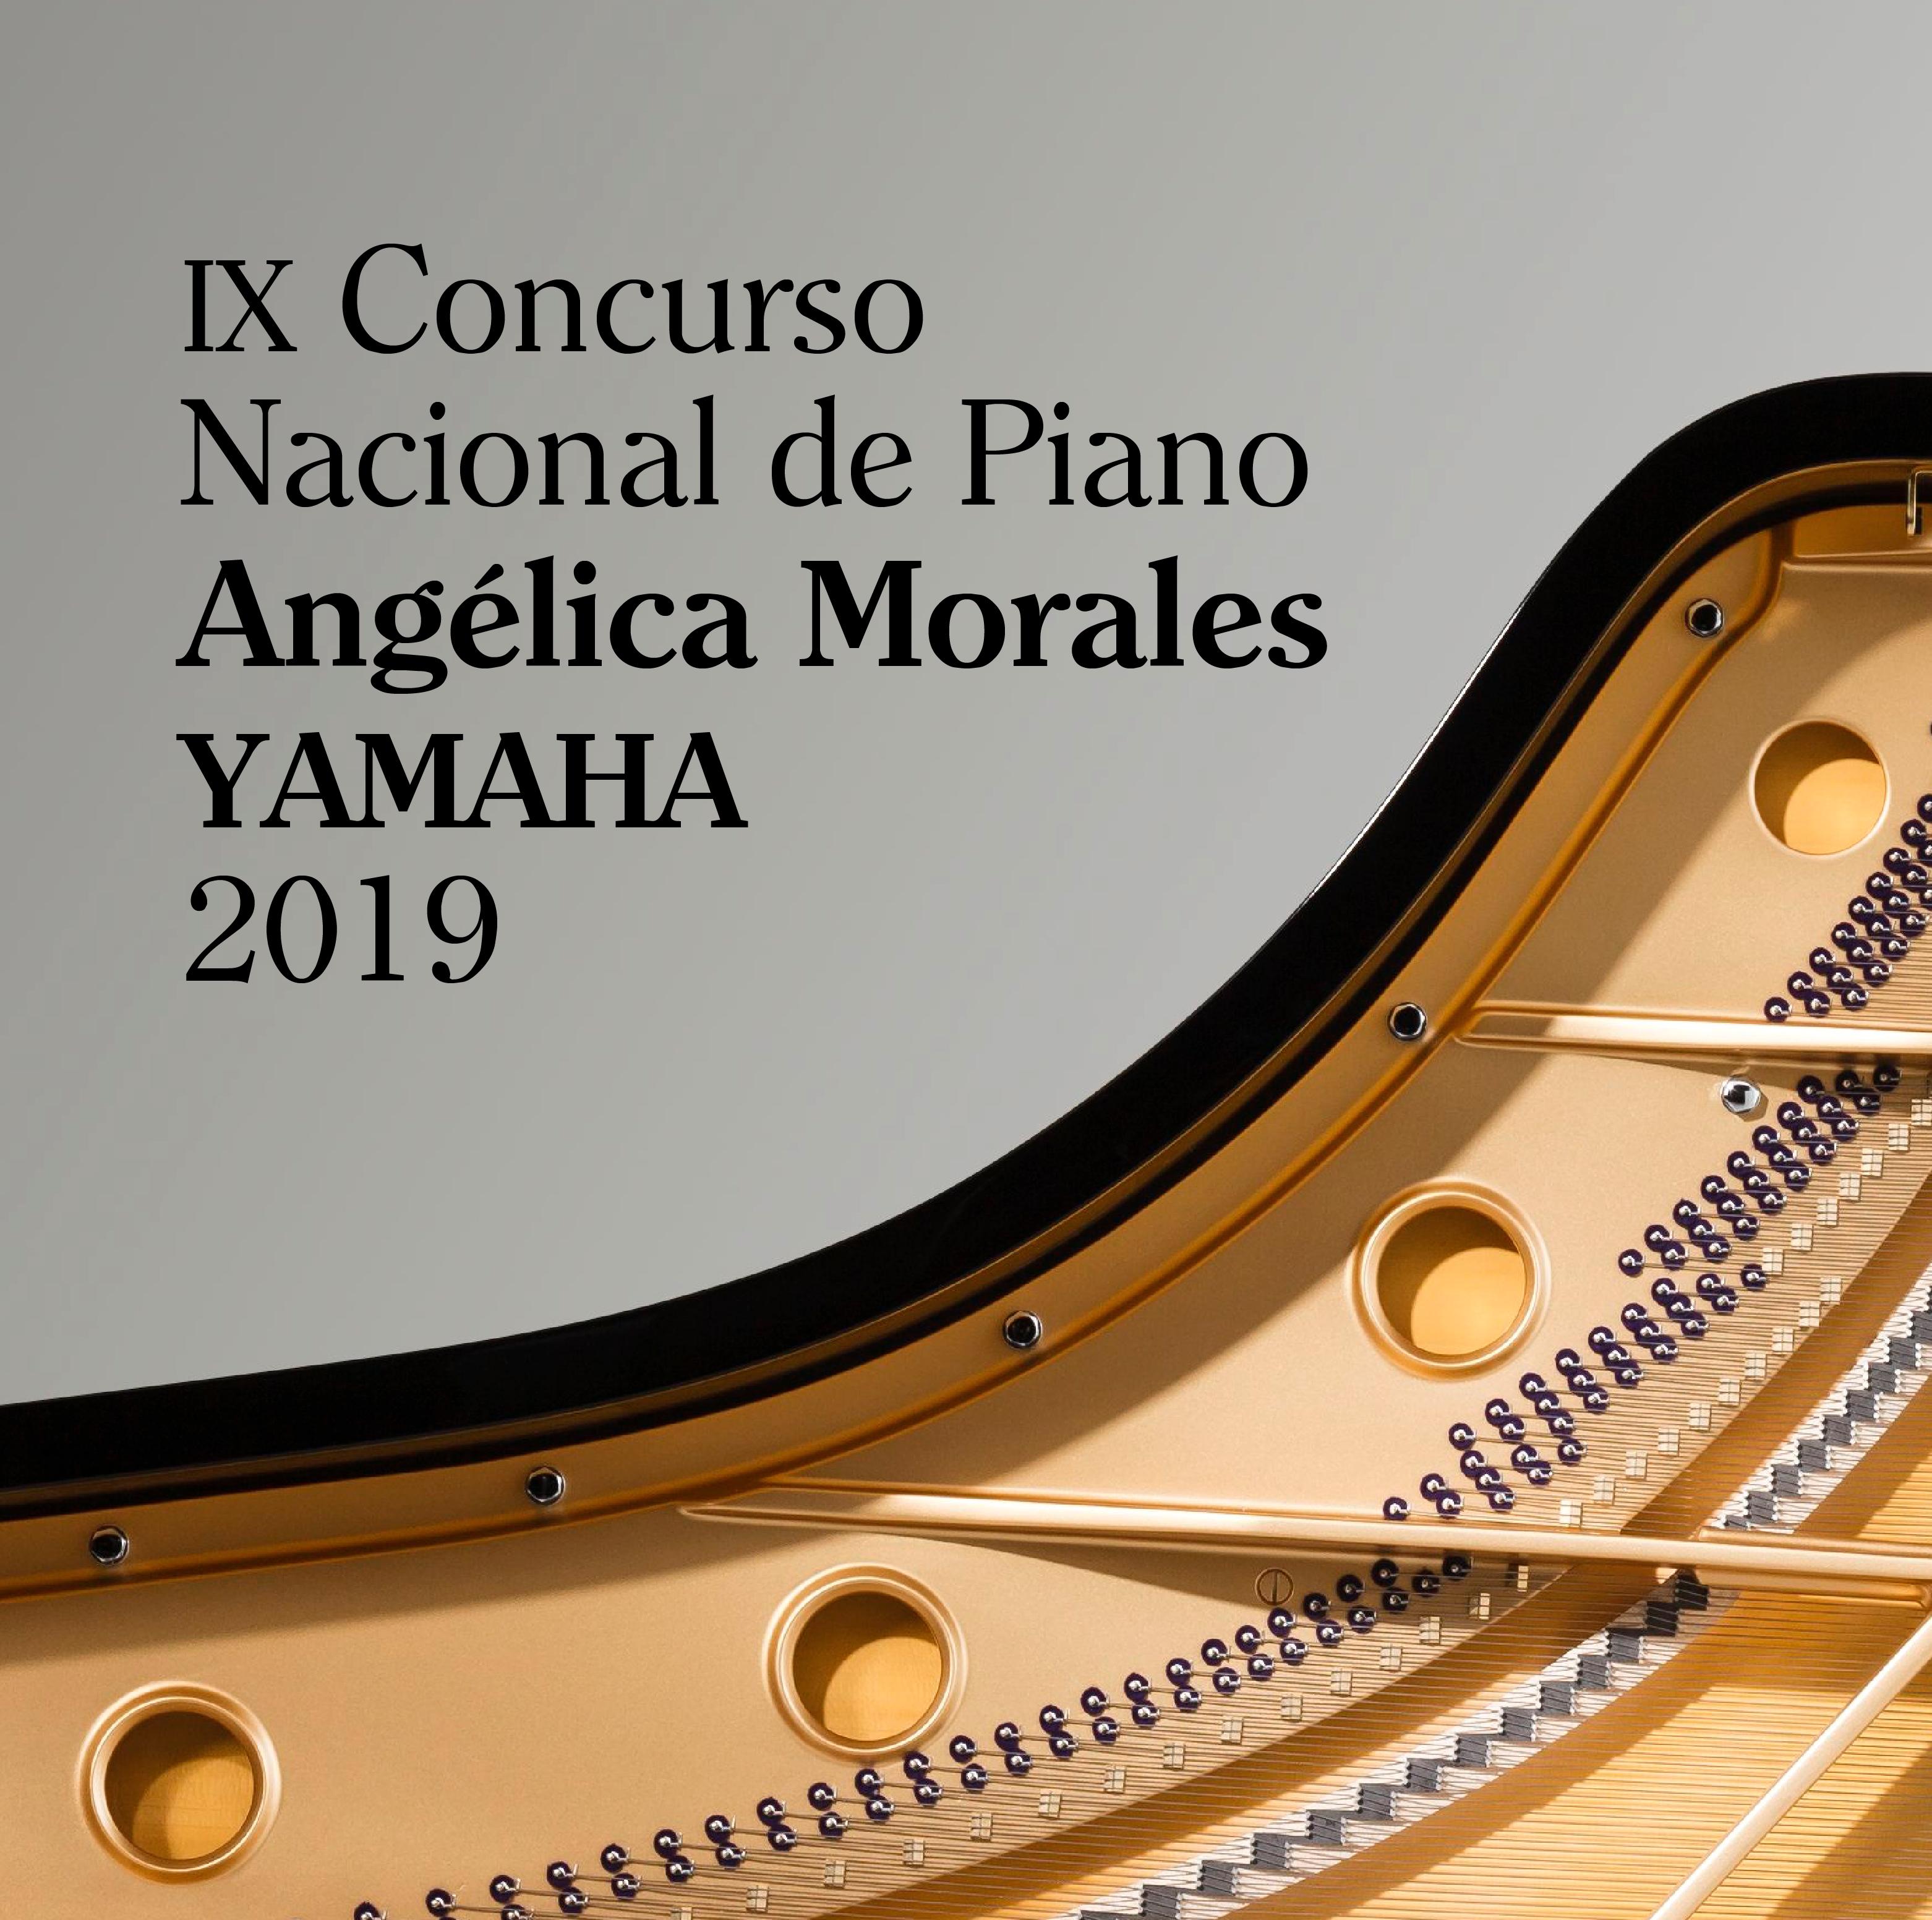 Cuatro competidores en la final del Concurso Nacional de Piano Angélica Morales Yamaha